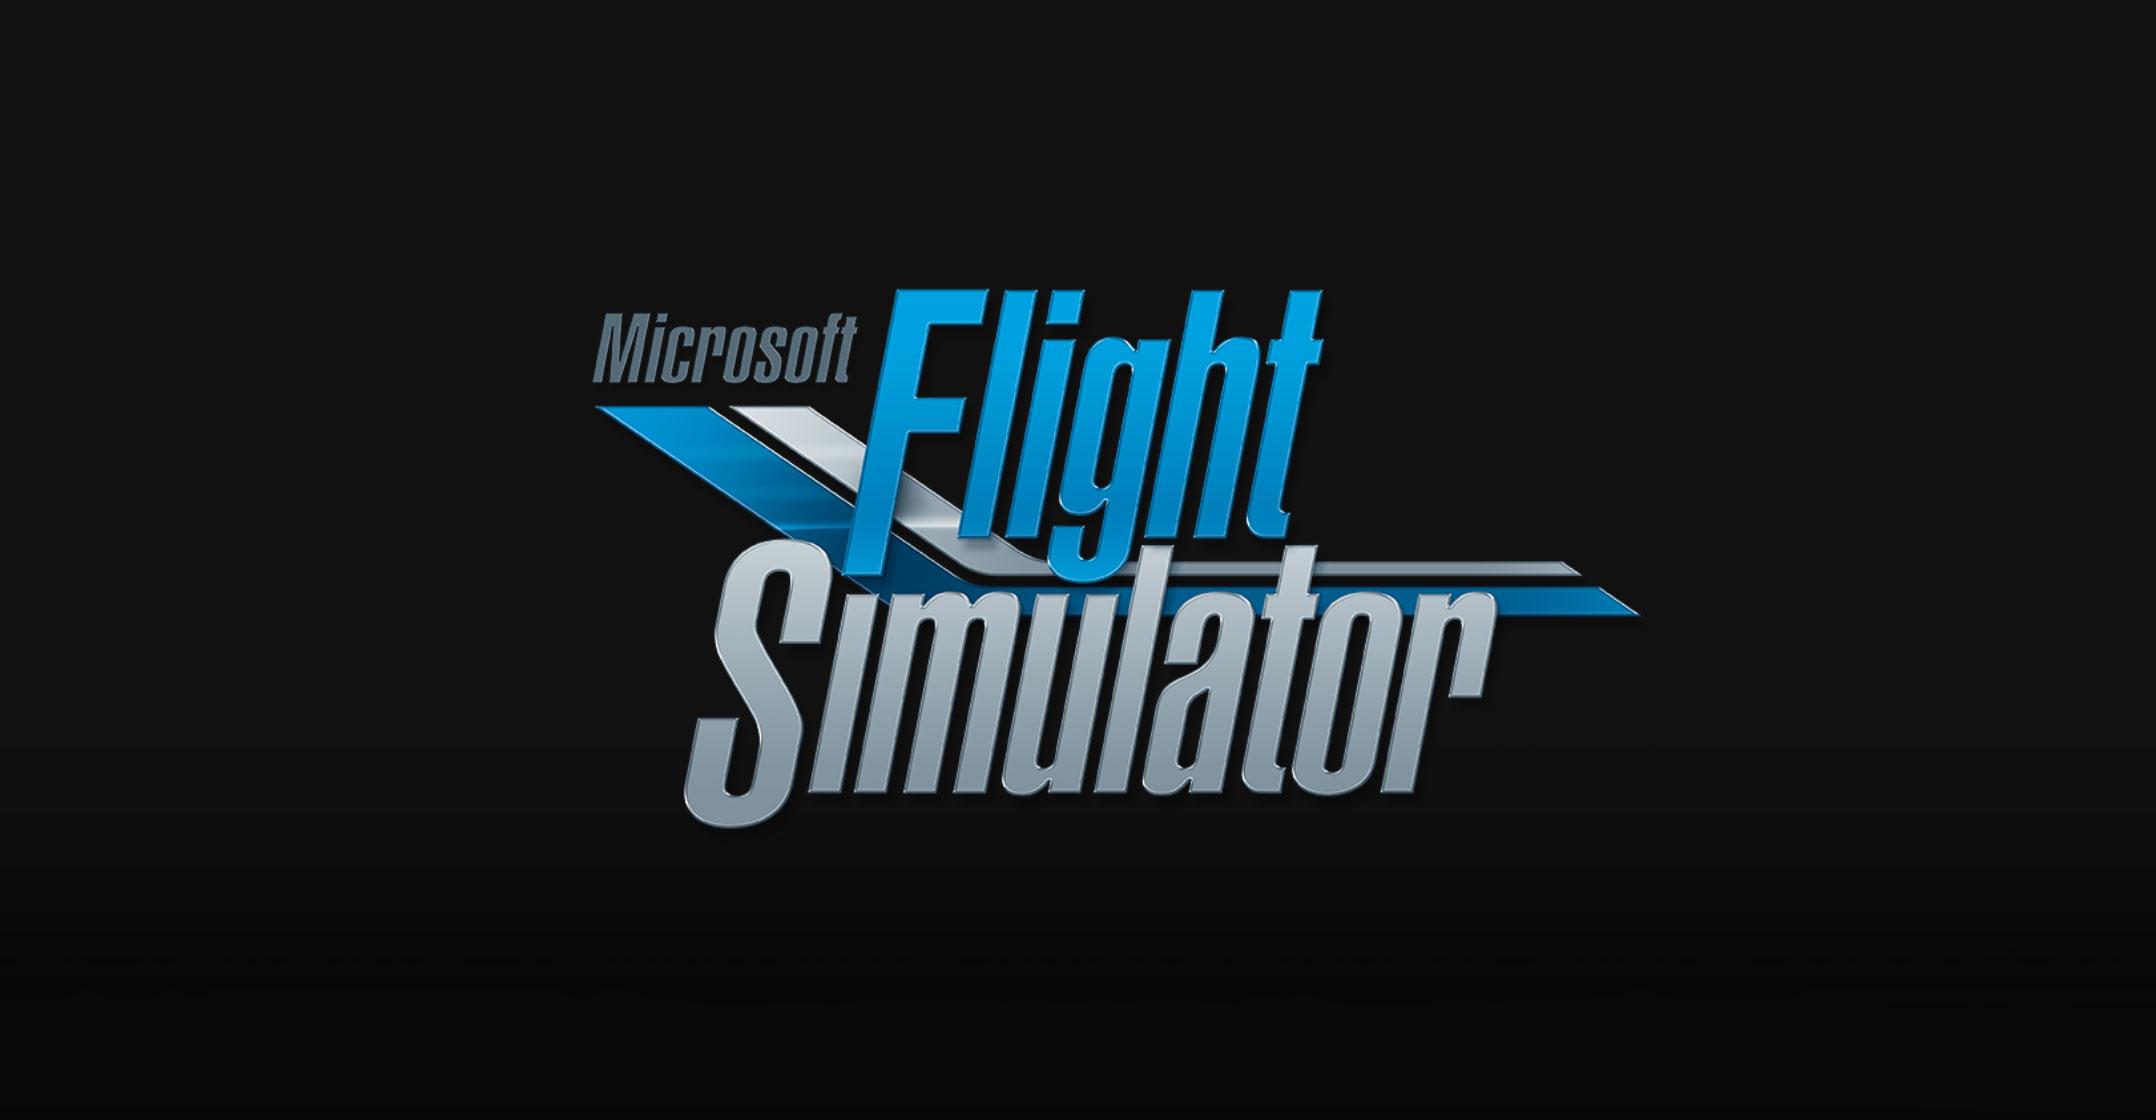 تصاویر جدید Microsoft Flight Simulator گرافیک خارقالعادهی آن را به نمایش میگذارند